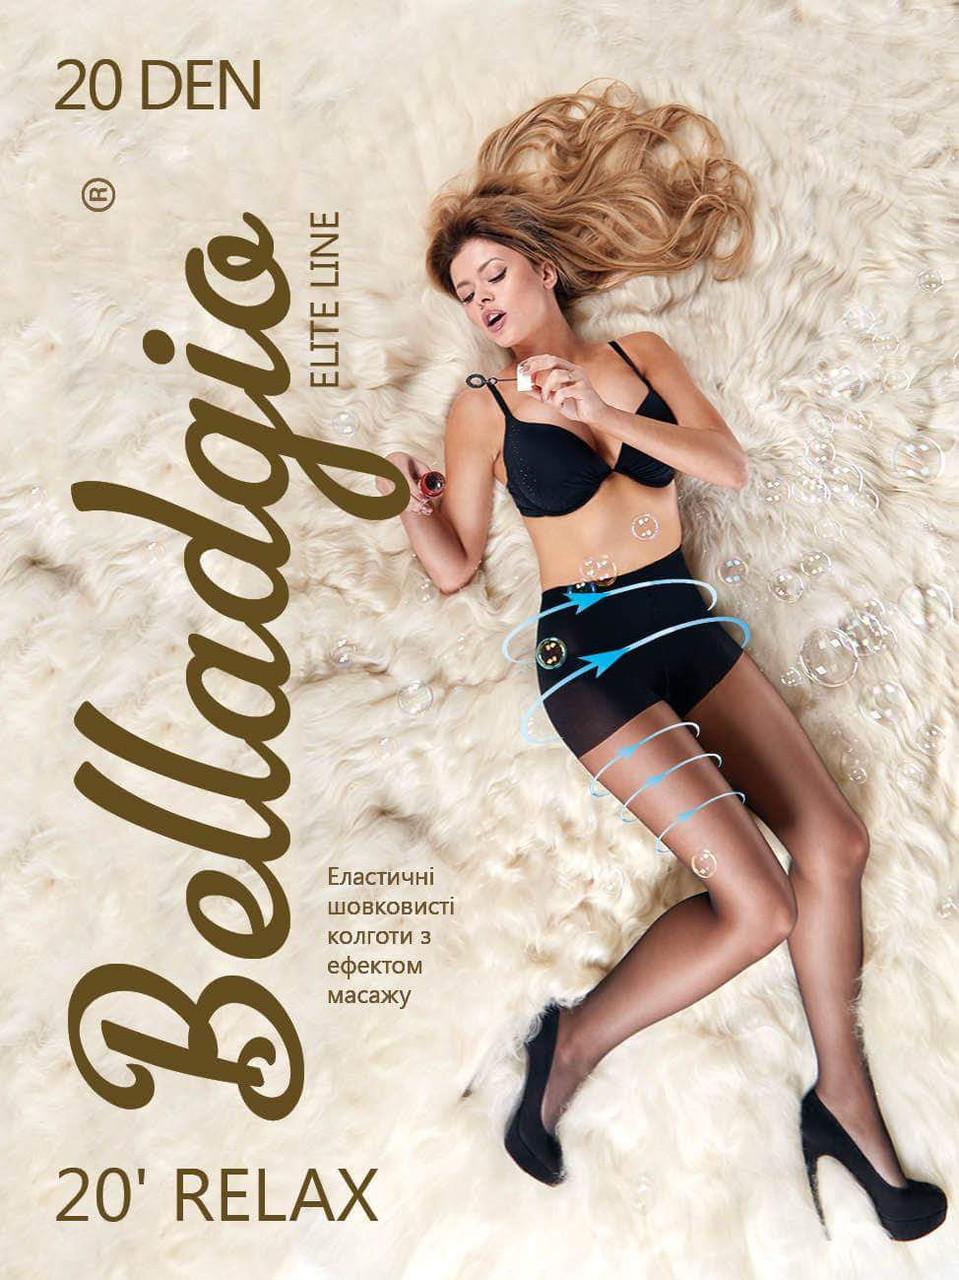 Колготы Relax   №339 (НБ) - Секрет  женская одежда оптом в Одессе